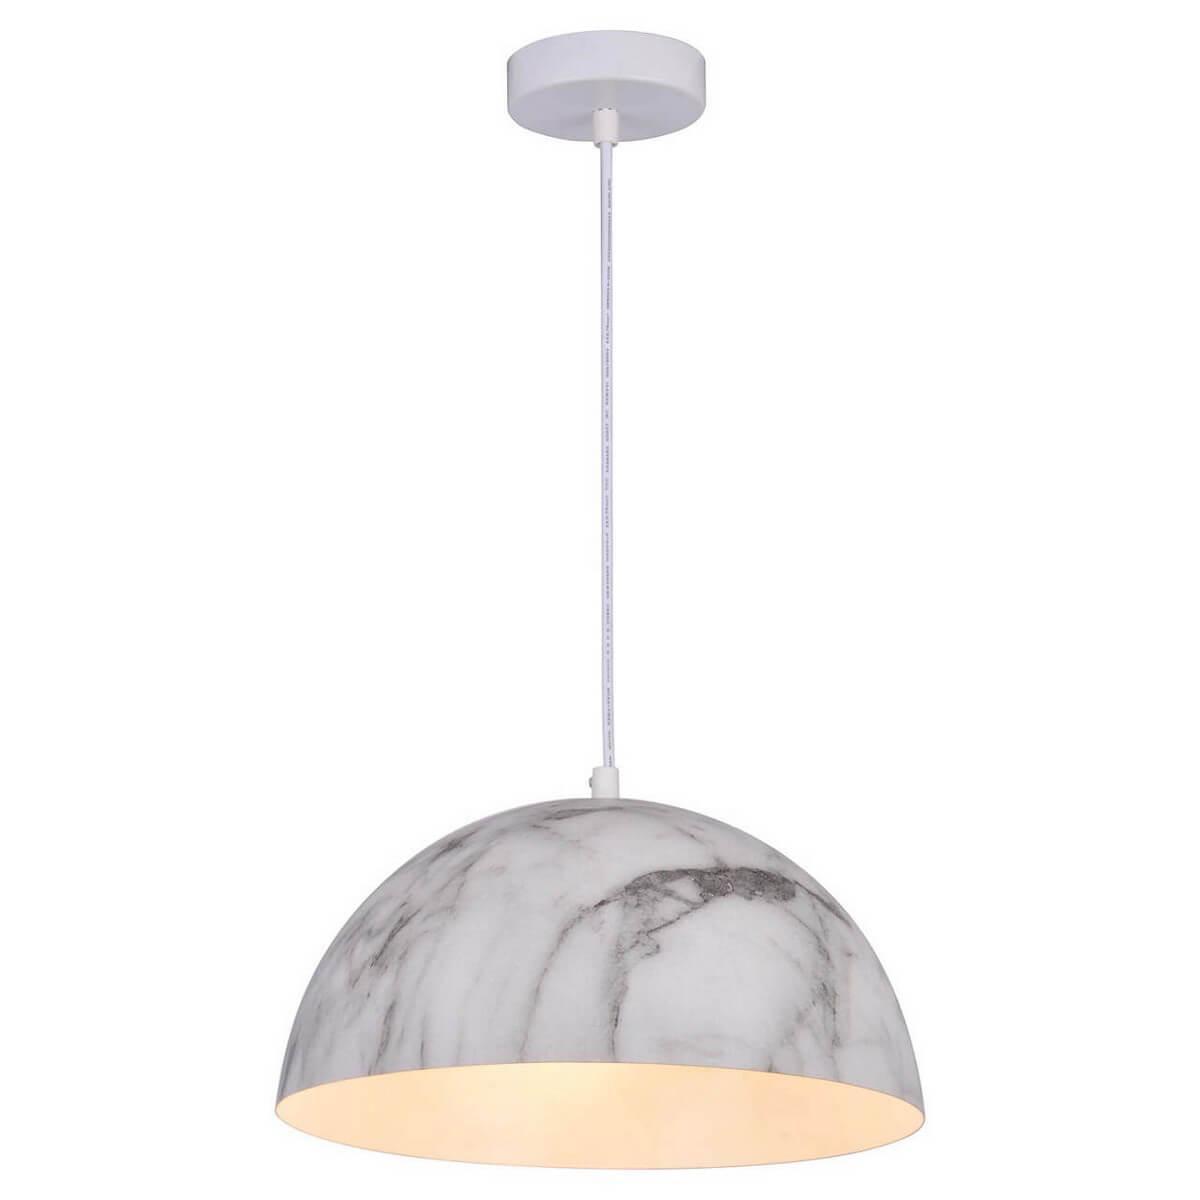 Подвесной светильник Lussole GRLSP-0179, E14, 6 Вт подвесной светильник lussole grlsp 9876 медь